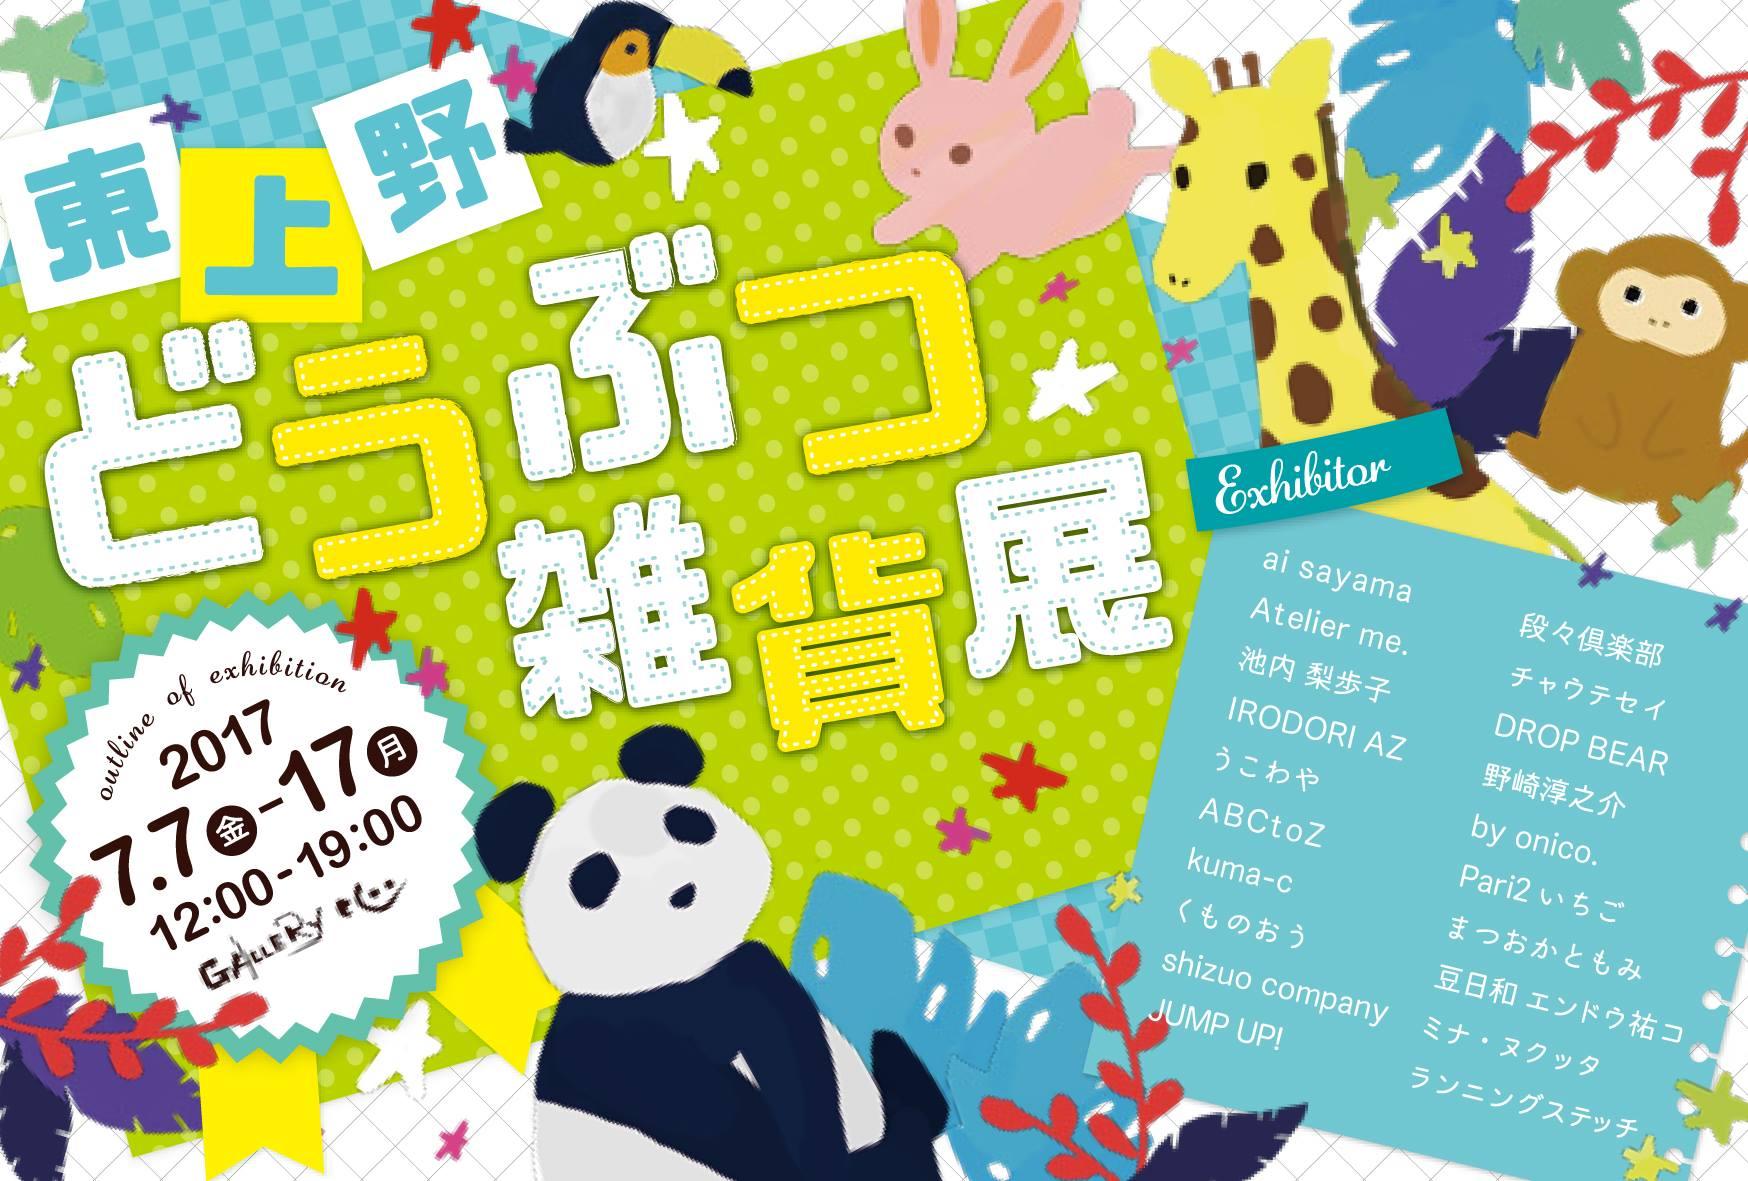 7/13〜8/6 台湾でのイベントに参加します。